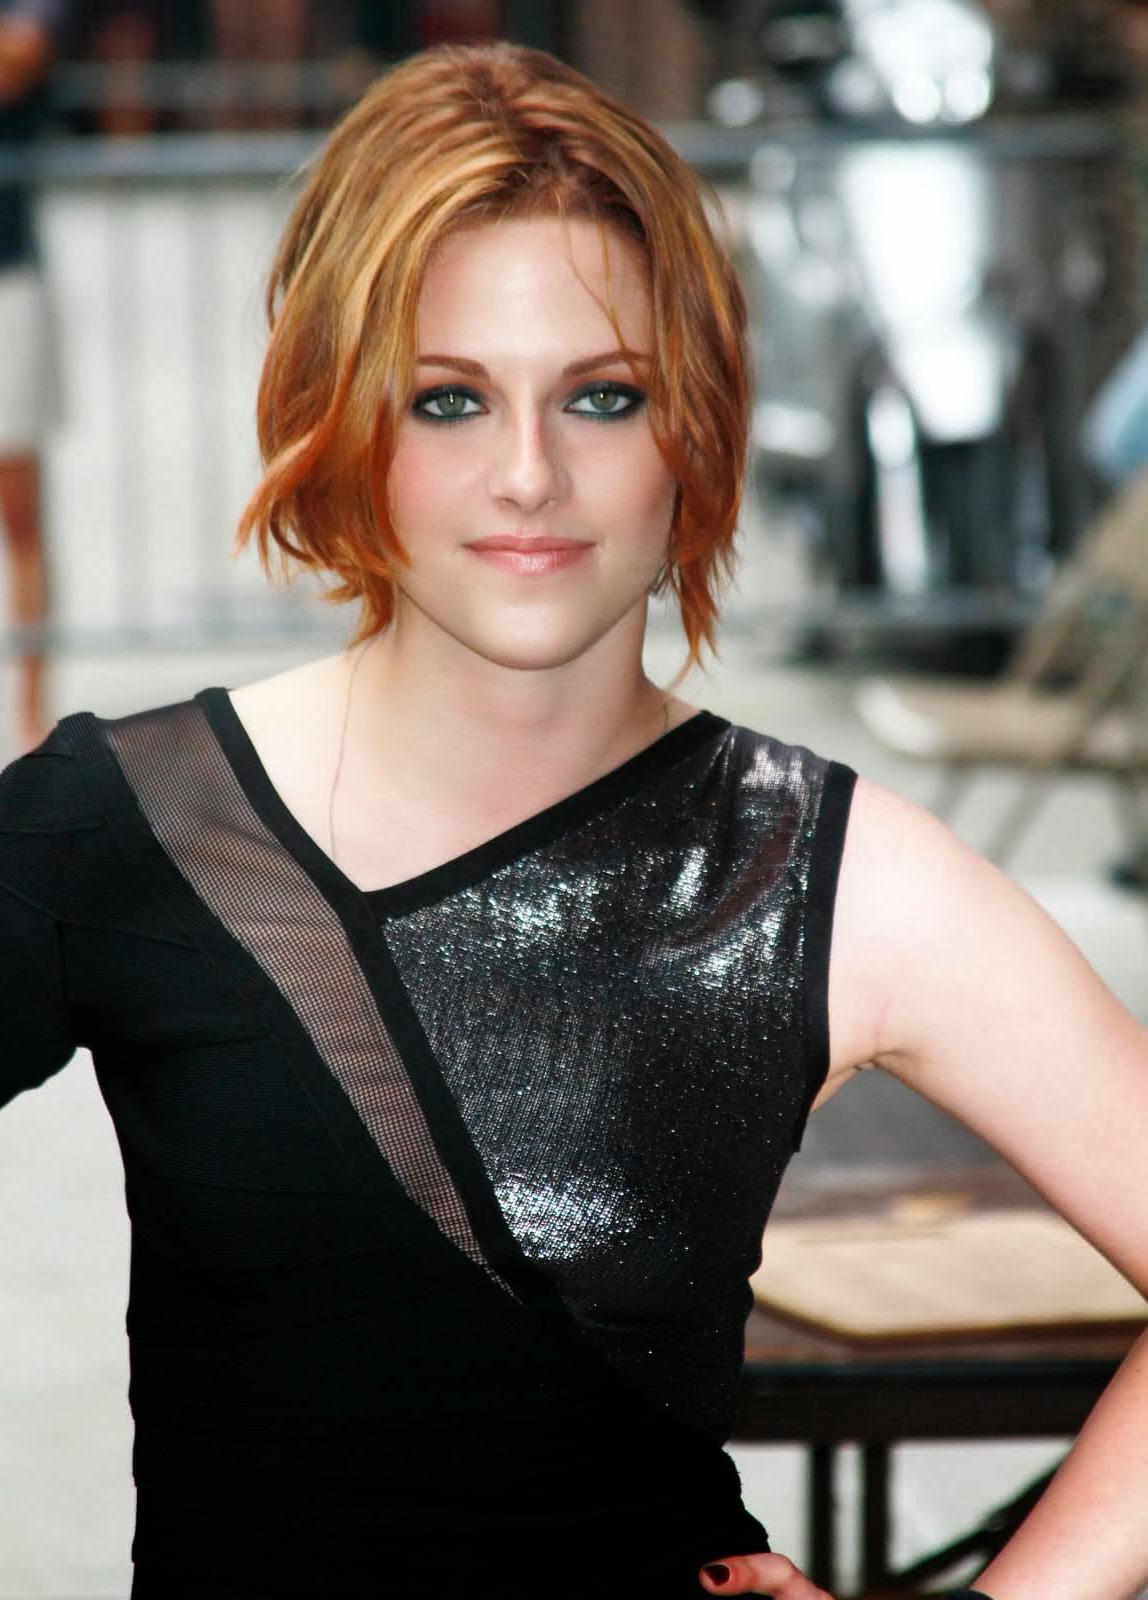 Celebrity Hairstyles Photos: Kristen Stewart Hairstyles Pertaining To Kristen Stewart Short Hairstyles (View 19 of 25)